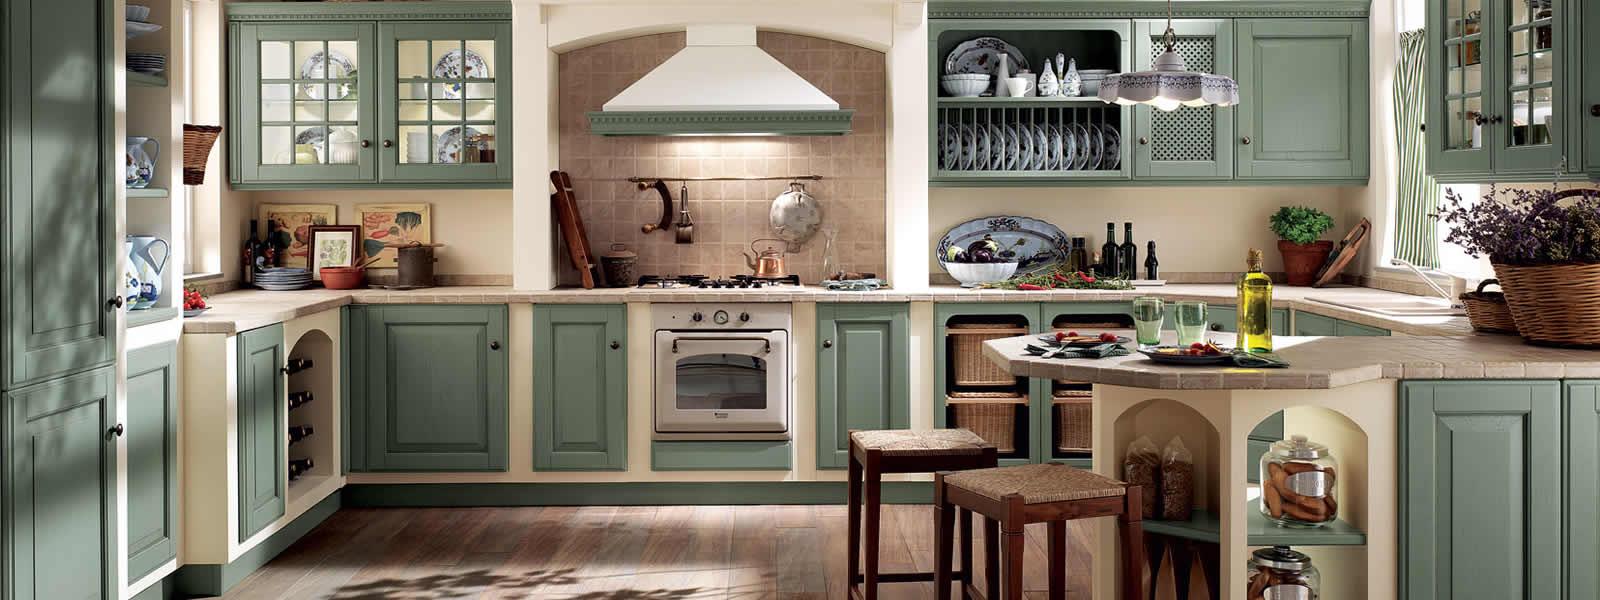 Cucine country chic provenzale classico cucine - Cucine country immagini ...